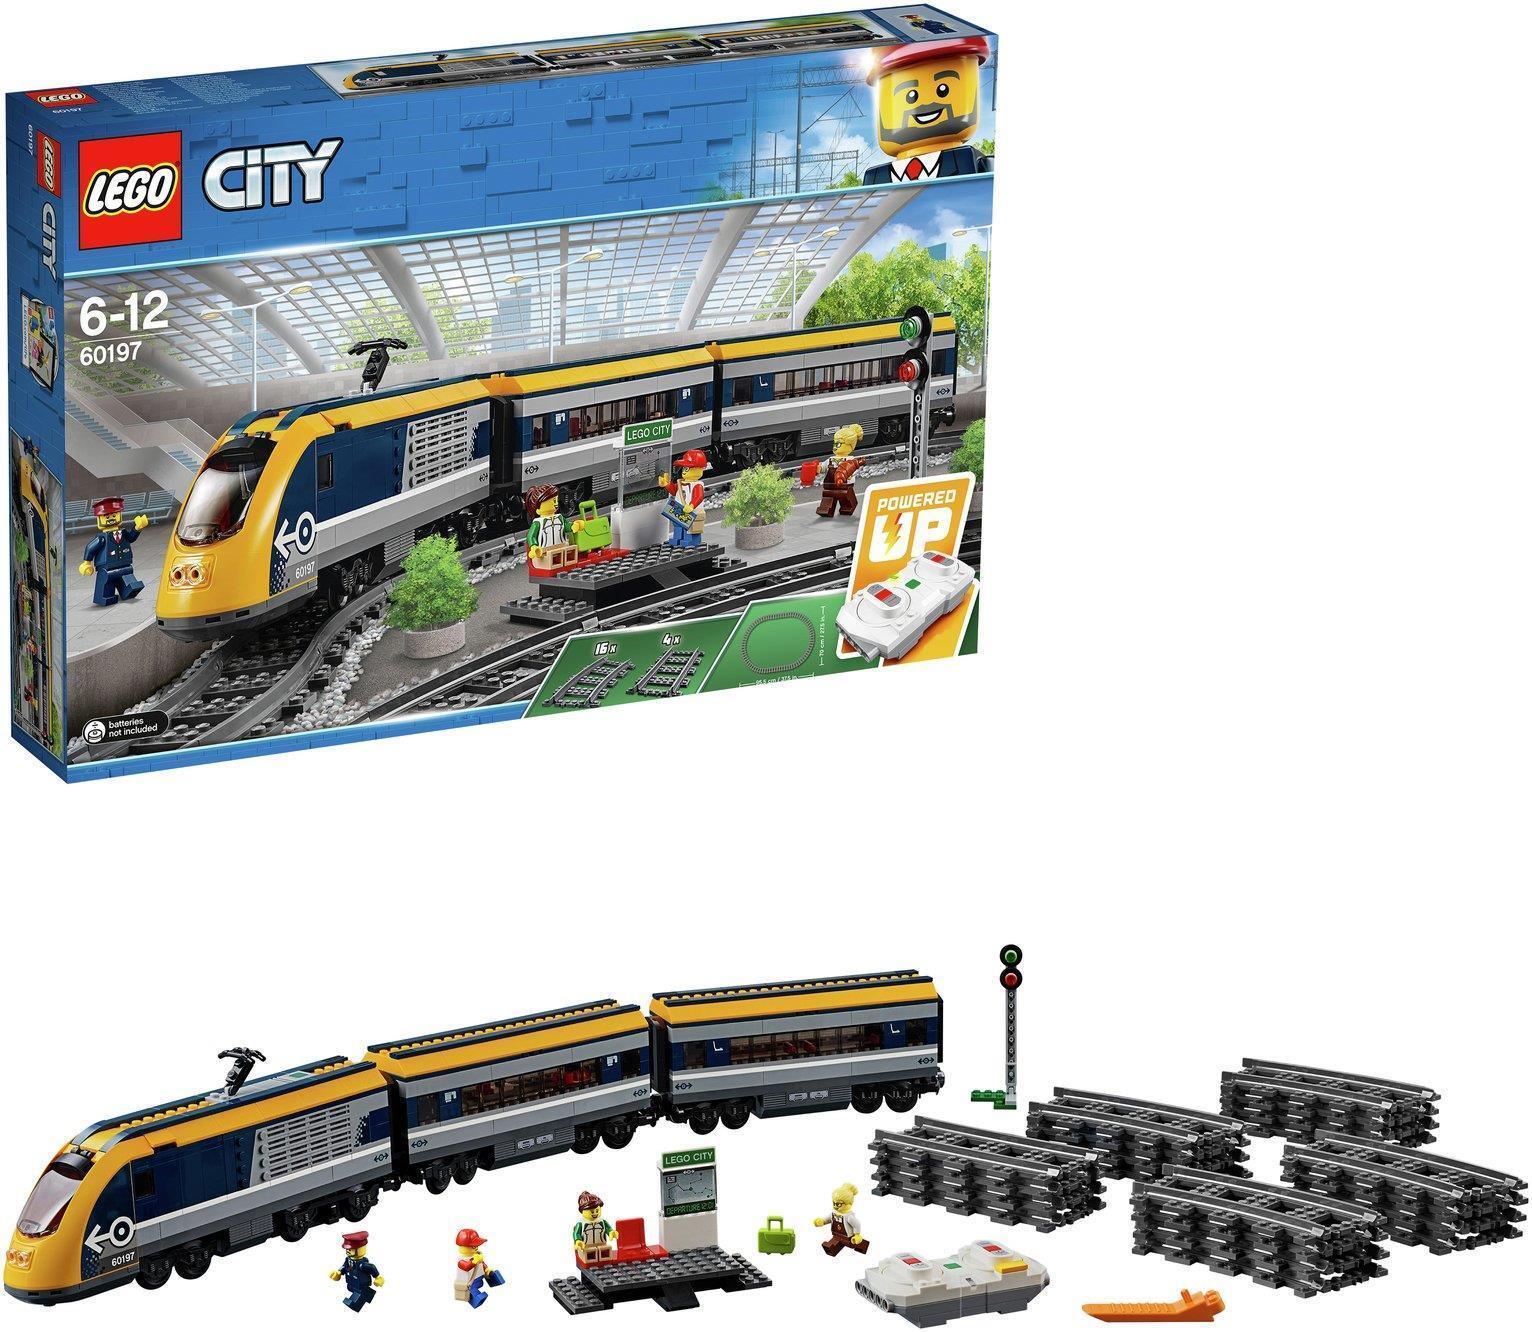 LEGO nuova città ad Alta velocità passeggeri treno giocattolo scatola sigillata costruzione Set-60197